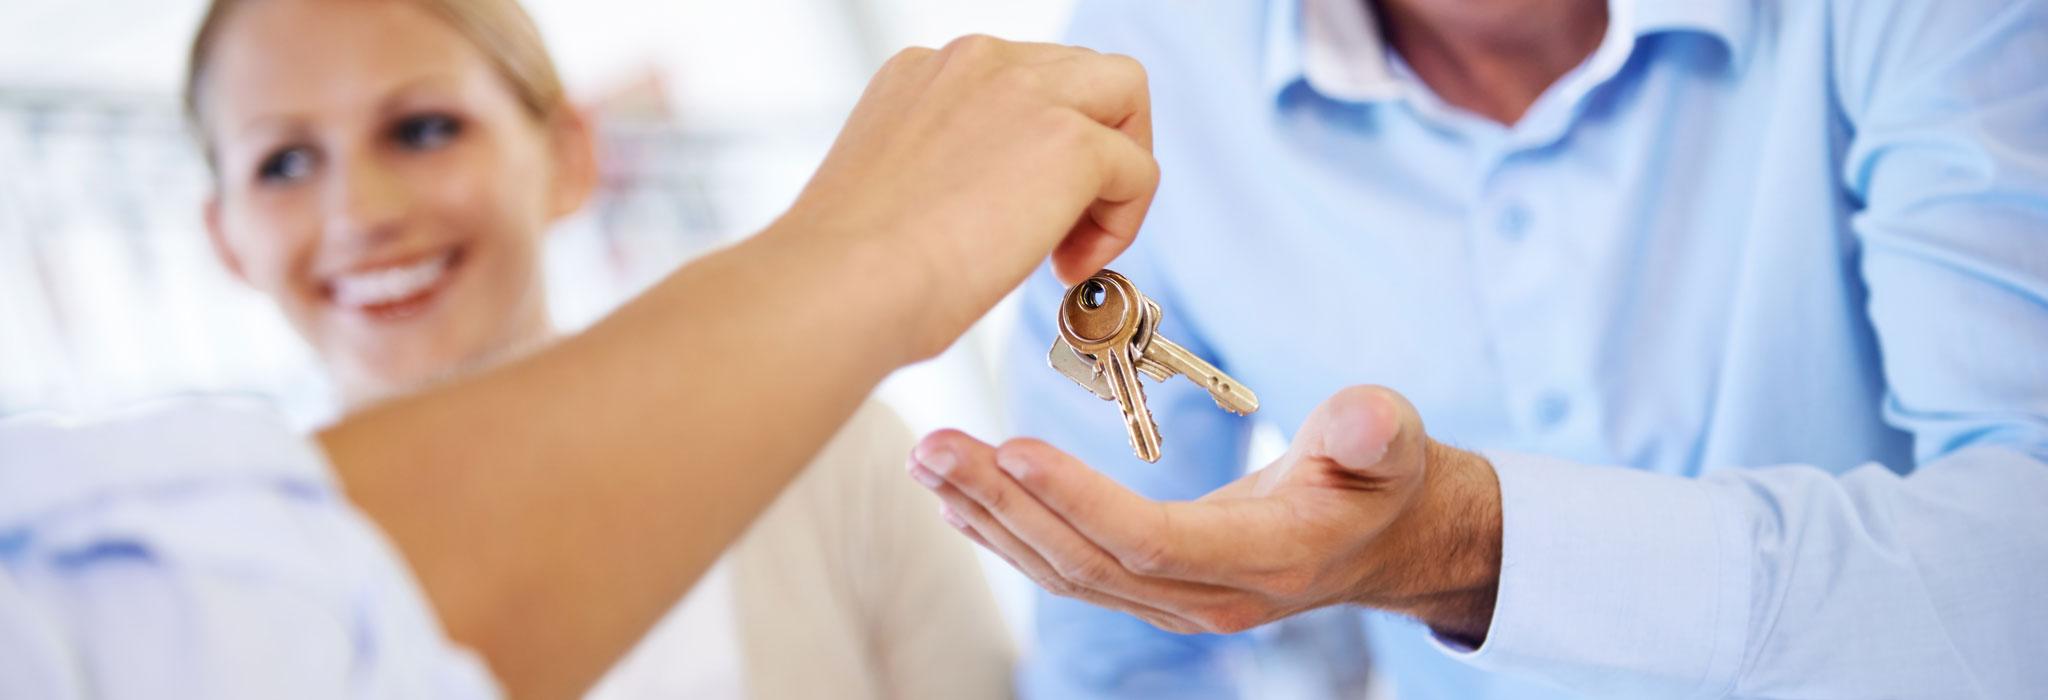 mortgage banker gives keys to homebuyer